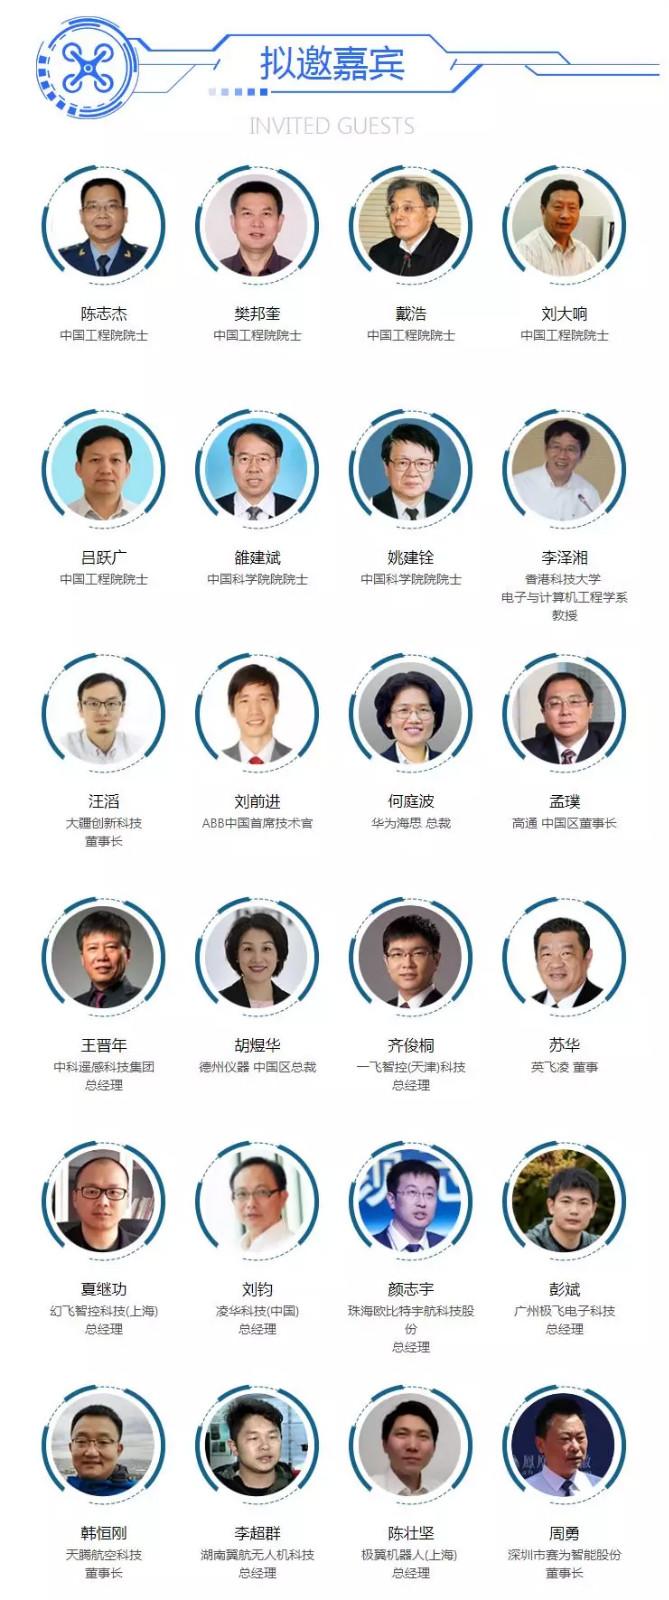 2019国际无人系统产业大会献礼新中国成立70周年